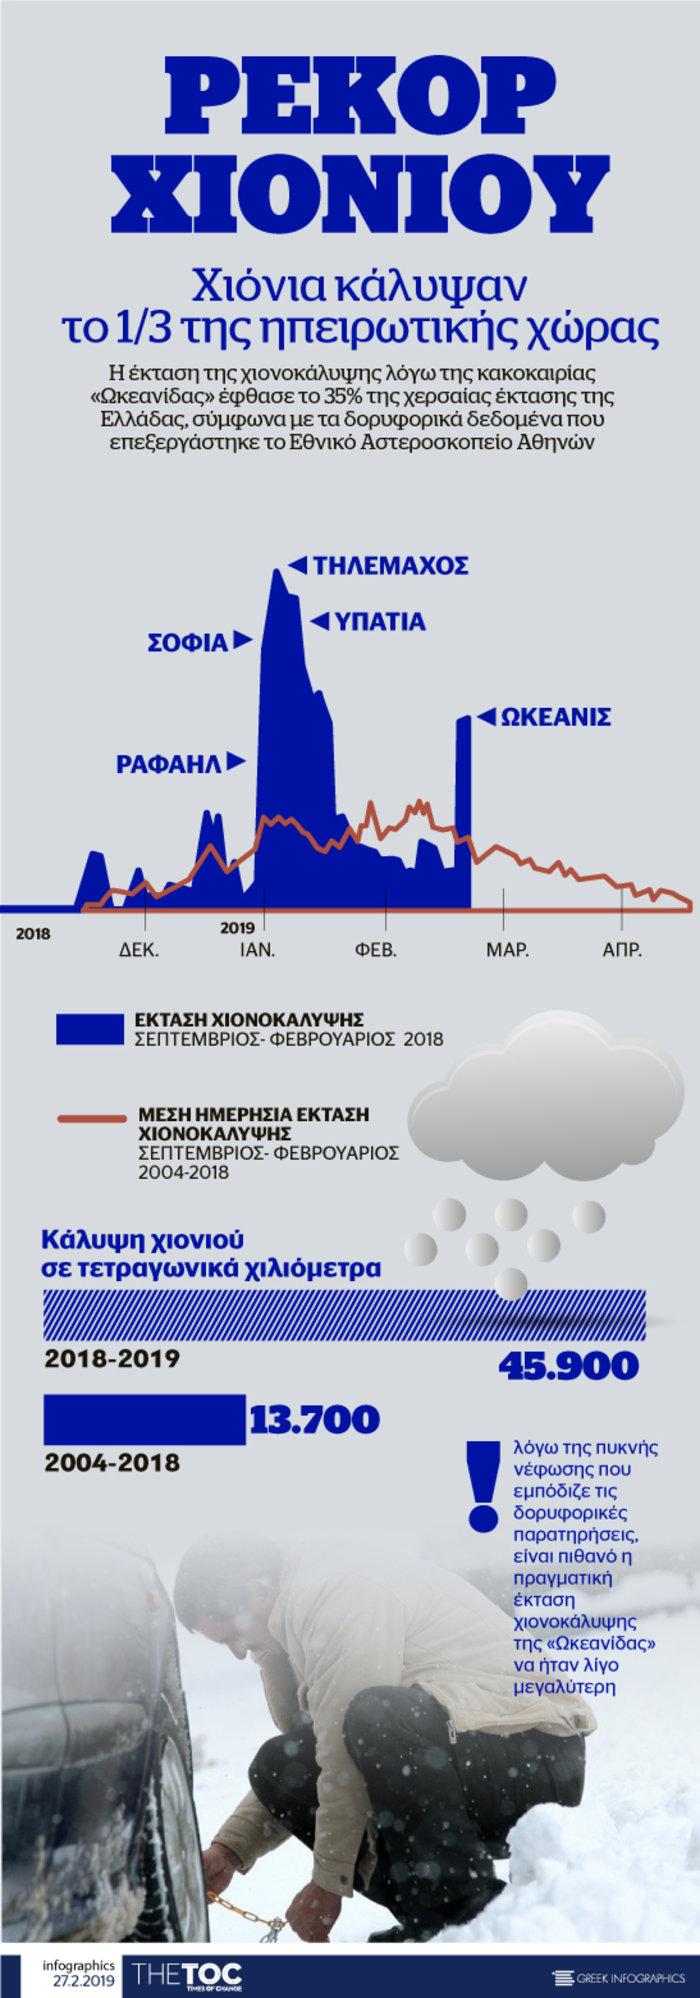 Τα χιόνια της «Ωκεανίδας» σε ένα αποκαλυπτικό infographic